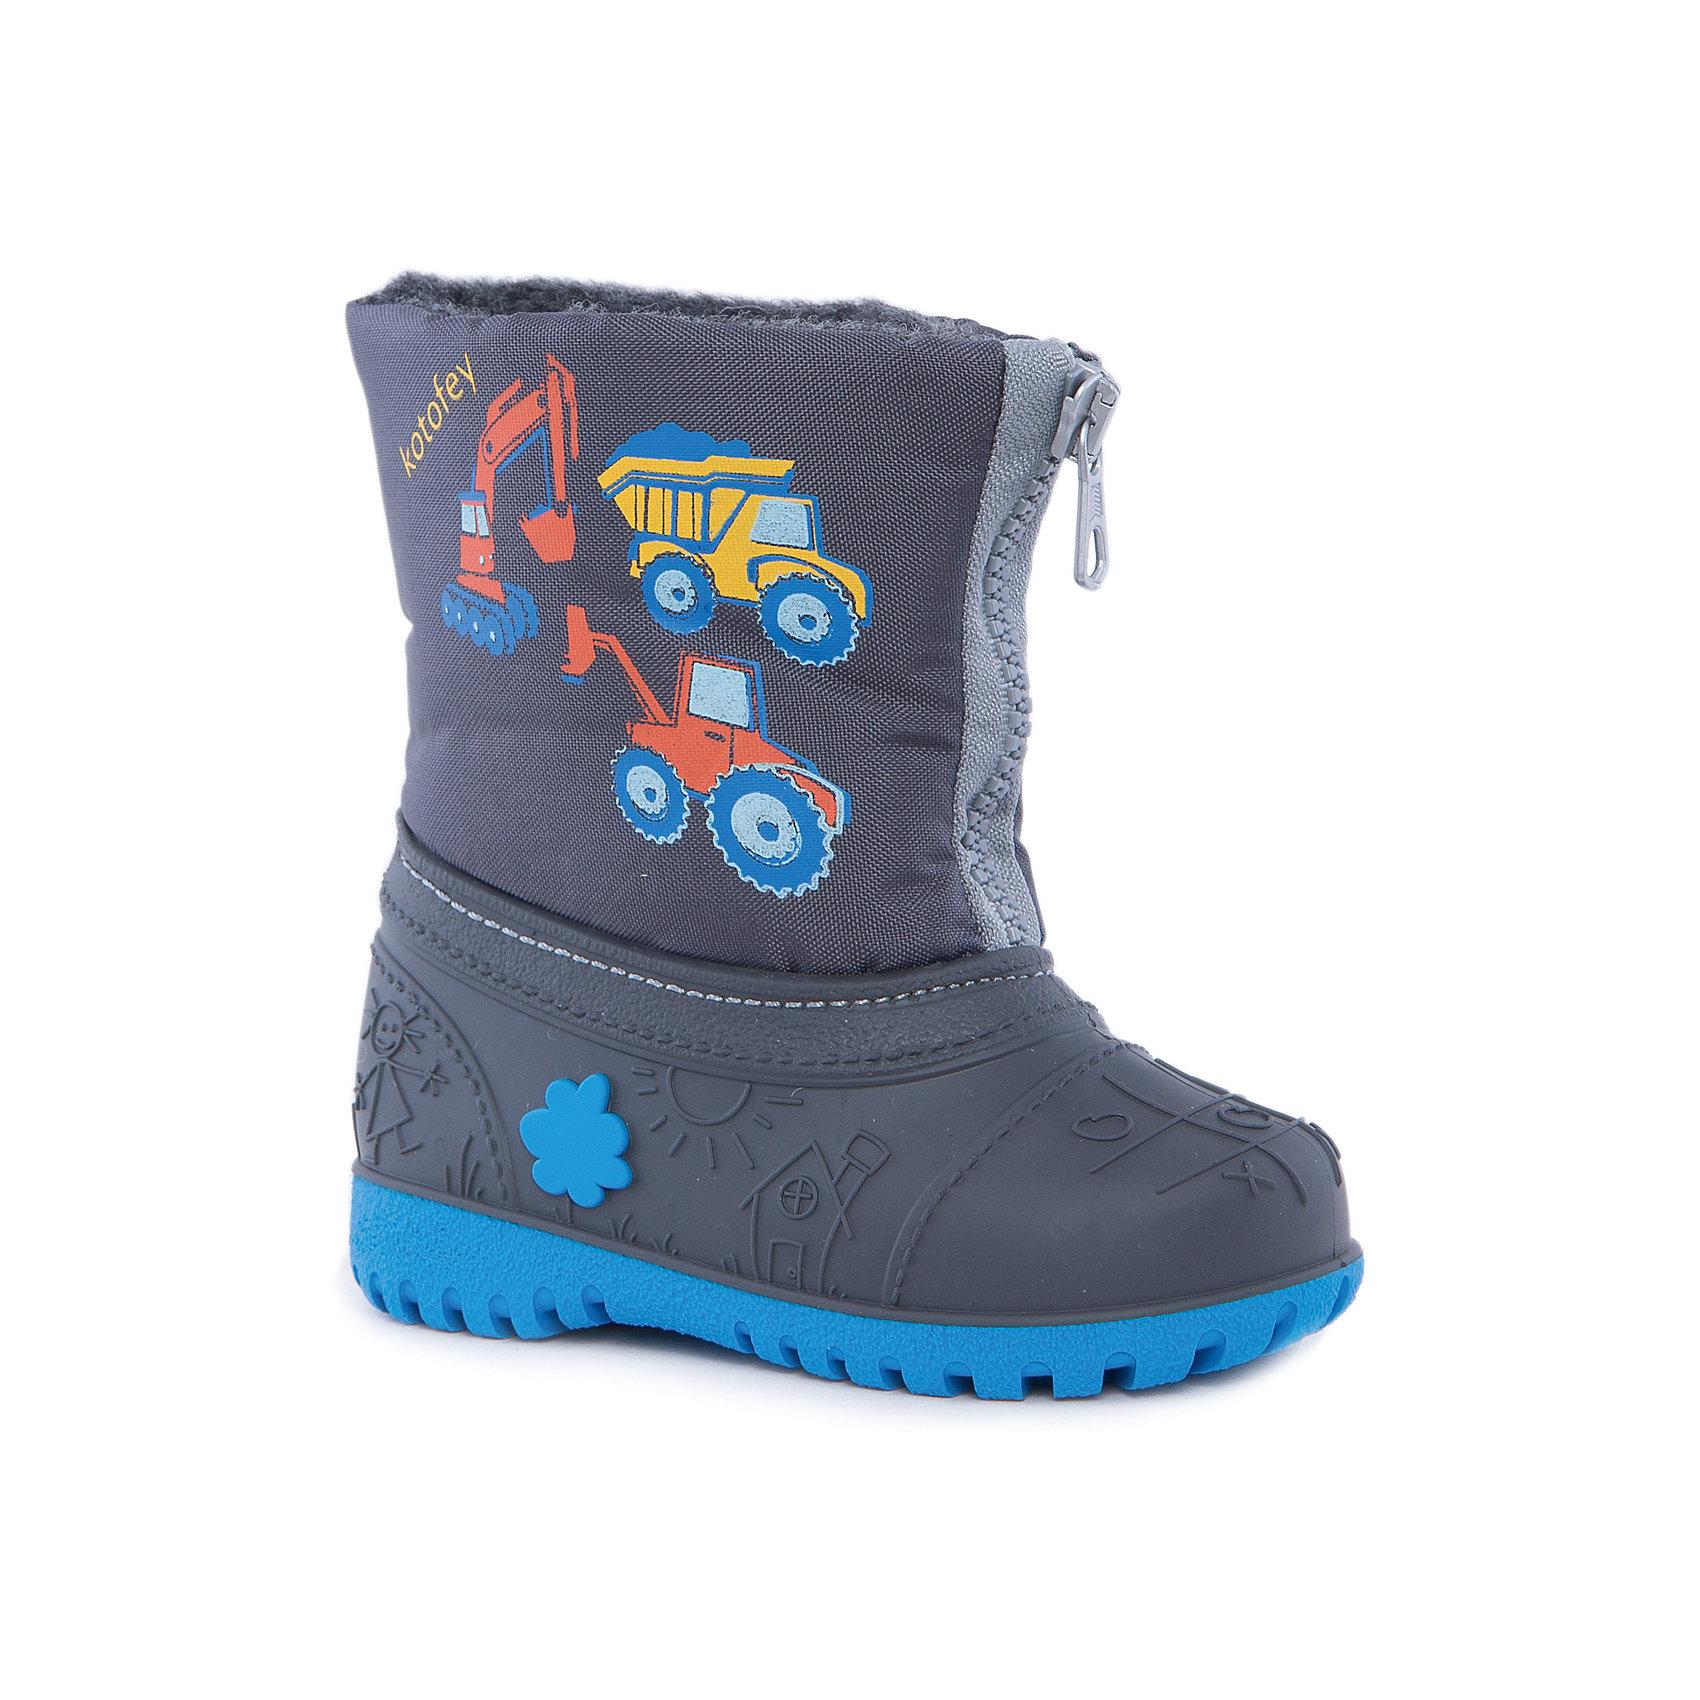 Сноубутсы для мальчика КотофейСноубутсы<br>Котофей – качественная и стильная детская обувь по доступным ценам. С каждым днем популярность бренда растет.  При выборе обуви важно следить, чтобы модель была не только красивой и удобной, то и теплой, а так же защищала ножки малыша от промокания. Сочетание резиновых сапог и теплых зимних ботинок создало уникальную модель из новой коллекции.<br><br>Дополнительная информация:<br><br>цвет: серый;<br>вид крепления: прошивной;<br>застежка: шнуровка с креплением;<br>температурный режим: от -15 °С до +5° С.<br><br>Состав:<br>материал верха – комбинированный;<br>подкладка – мех шерстяной;<br>подошва – мегол.<br><br>Зимние сапожки из прочных и качественных материалов для мальчика ясельного возраста от фирмы Котофей можно приобрести у нас в магазине.<br><br>Ширина мм: 257<br>Глубина мм: 180<br>Высота мм: 130<br>Вес г: 420<br>Цвет: серый<br>Возраст от месяцев: 18<br>Возраст до месяцев: 24<br>Пол: Мужской<br>Возраст: Детский<br>Размер: 23/24,21/22,25/26<br>SKU: 4982349